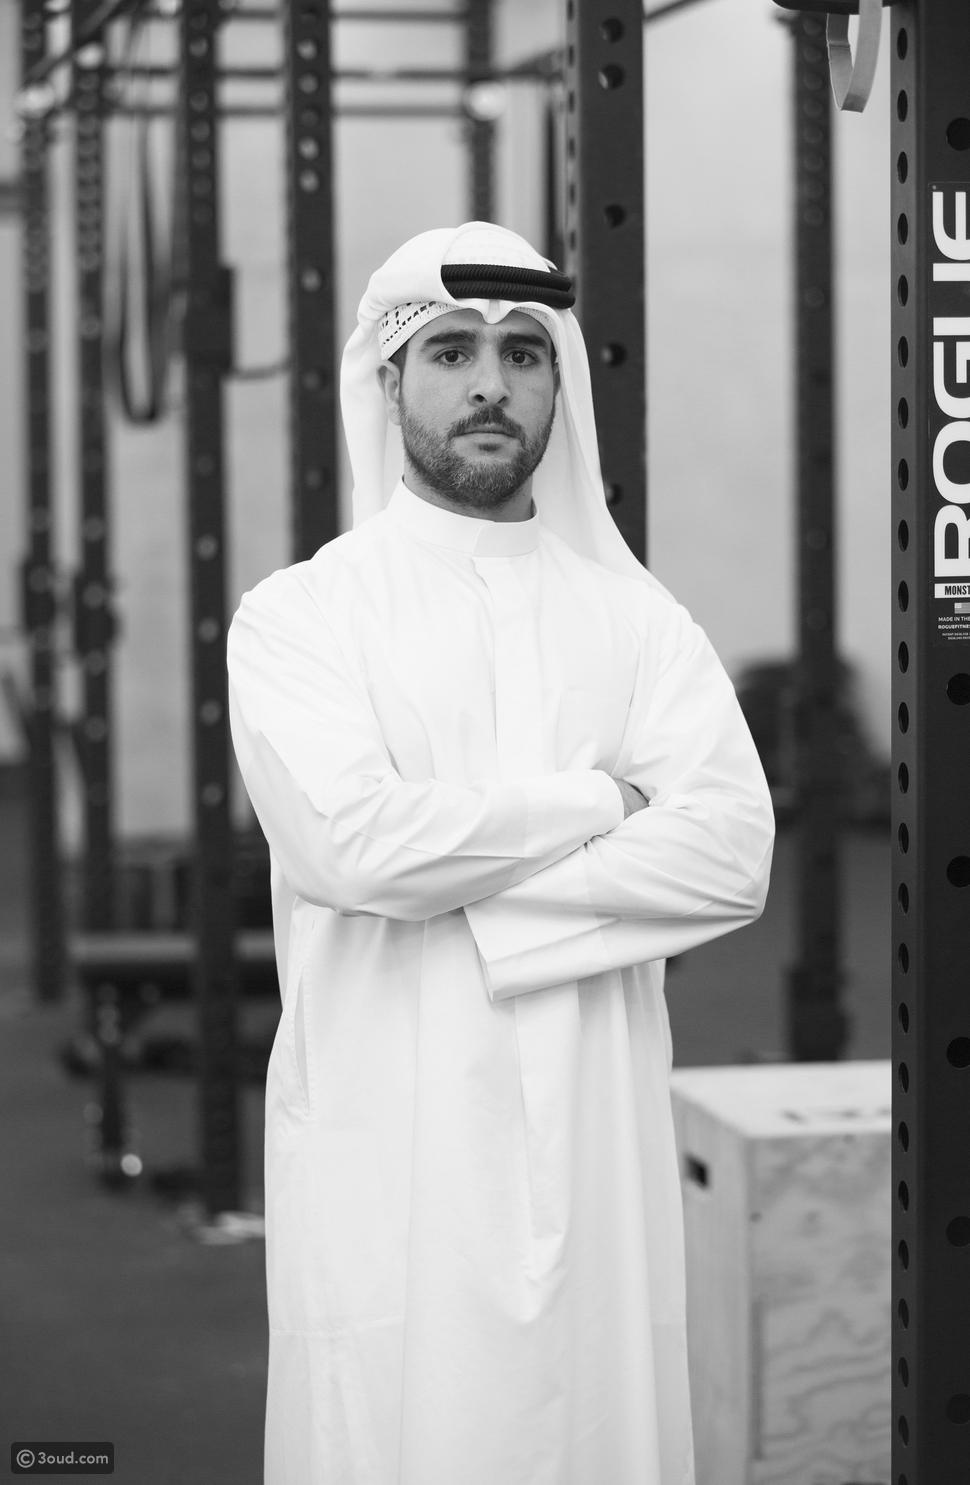 ساعة مع حمد المطوع مالك نادي رياضي